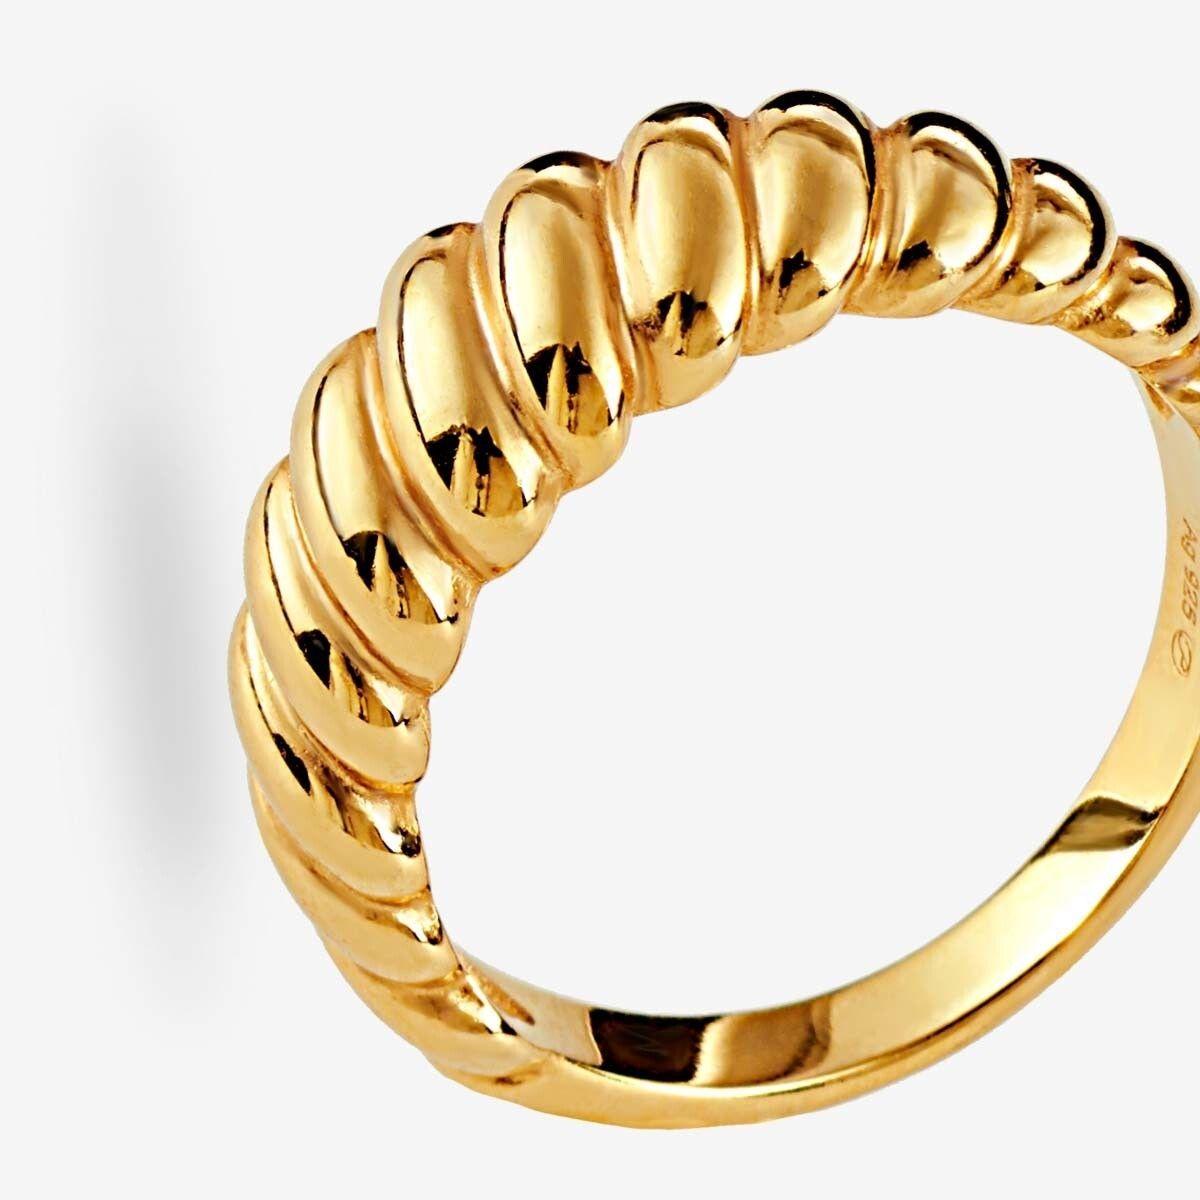 Croissant - Ringe - 18k vergoldet